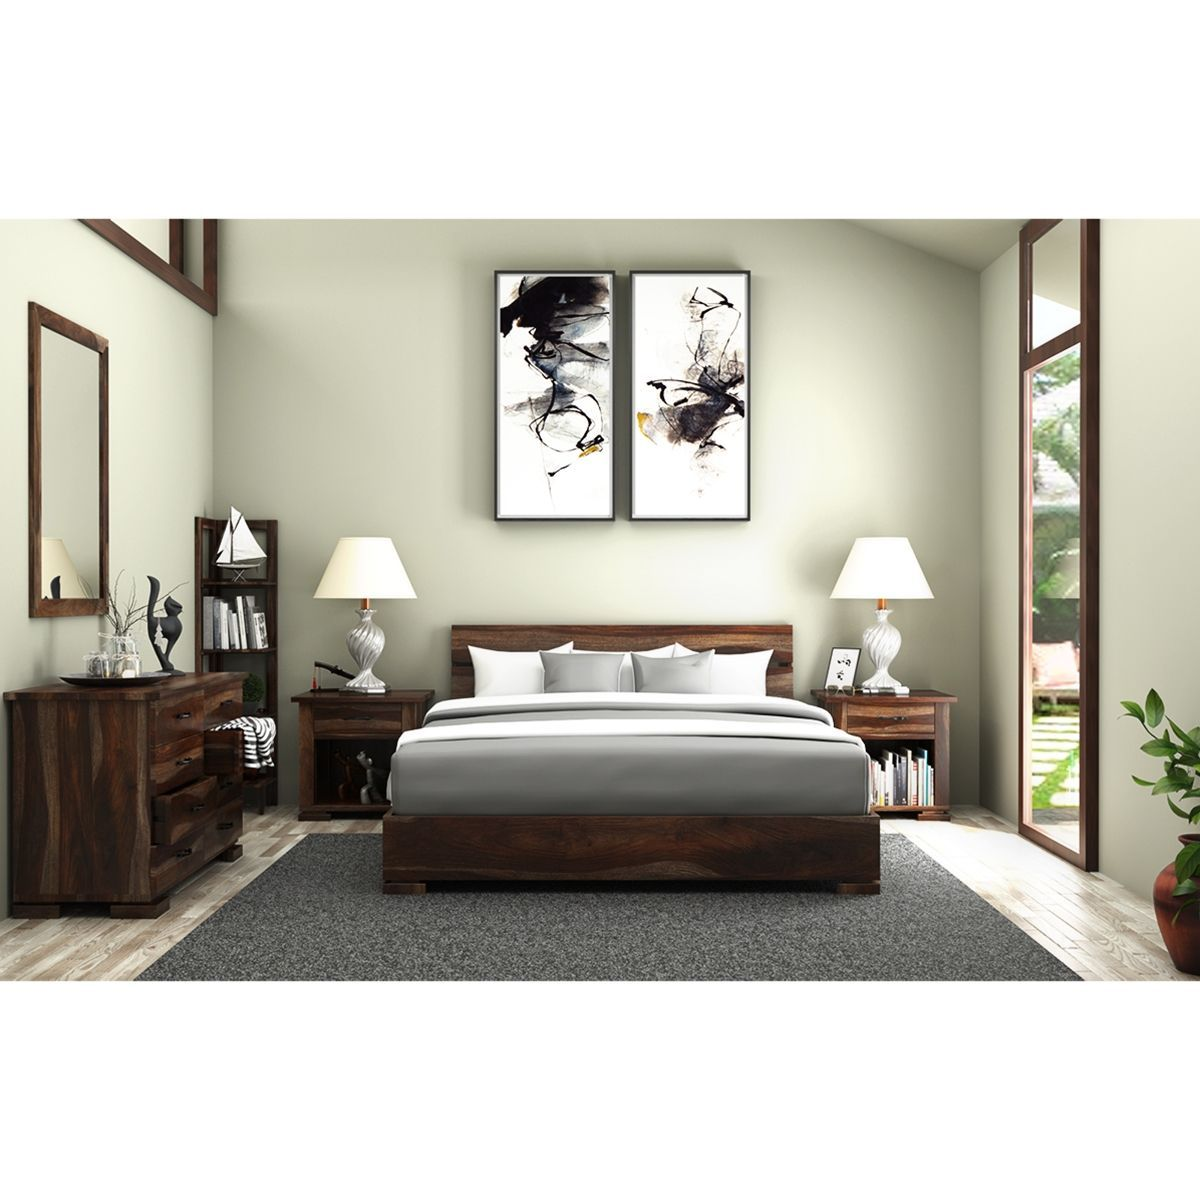 Athena Solid Wood Platform Bed 5 Piece Bedroom Furniture